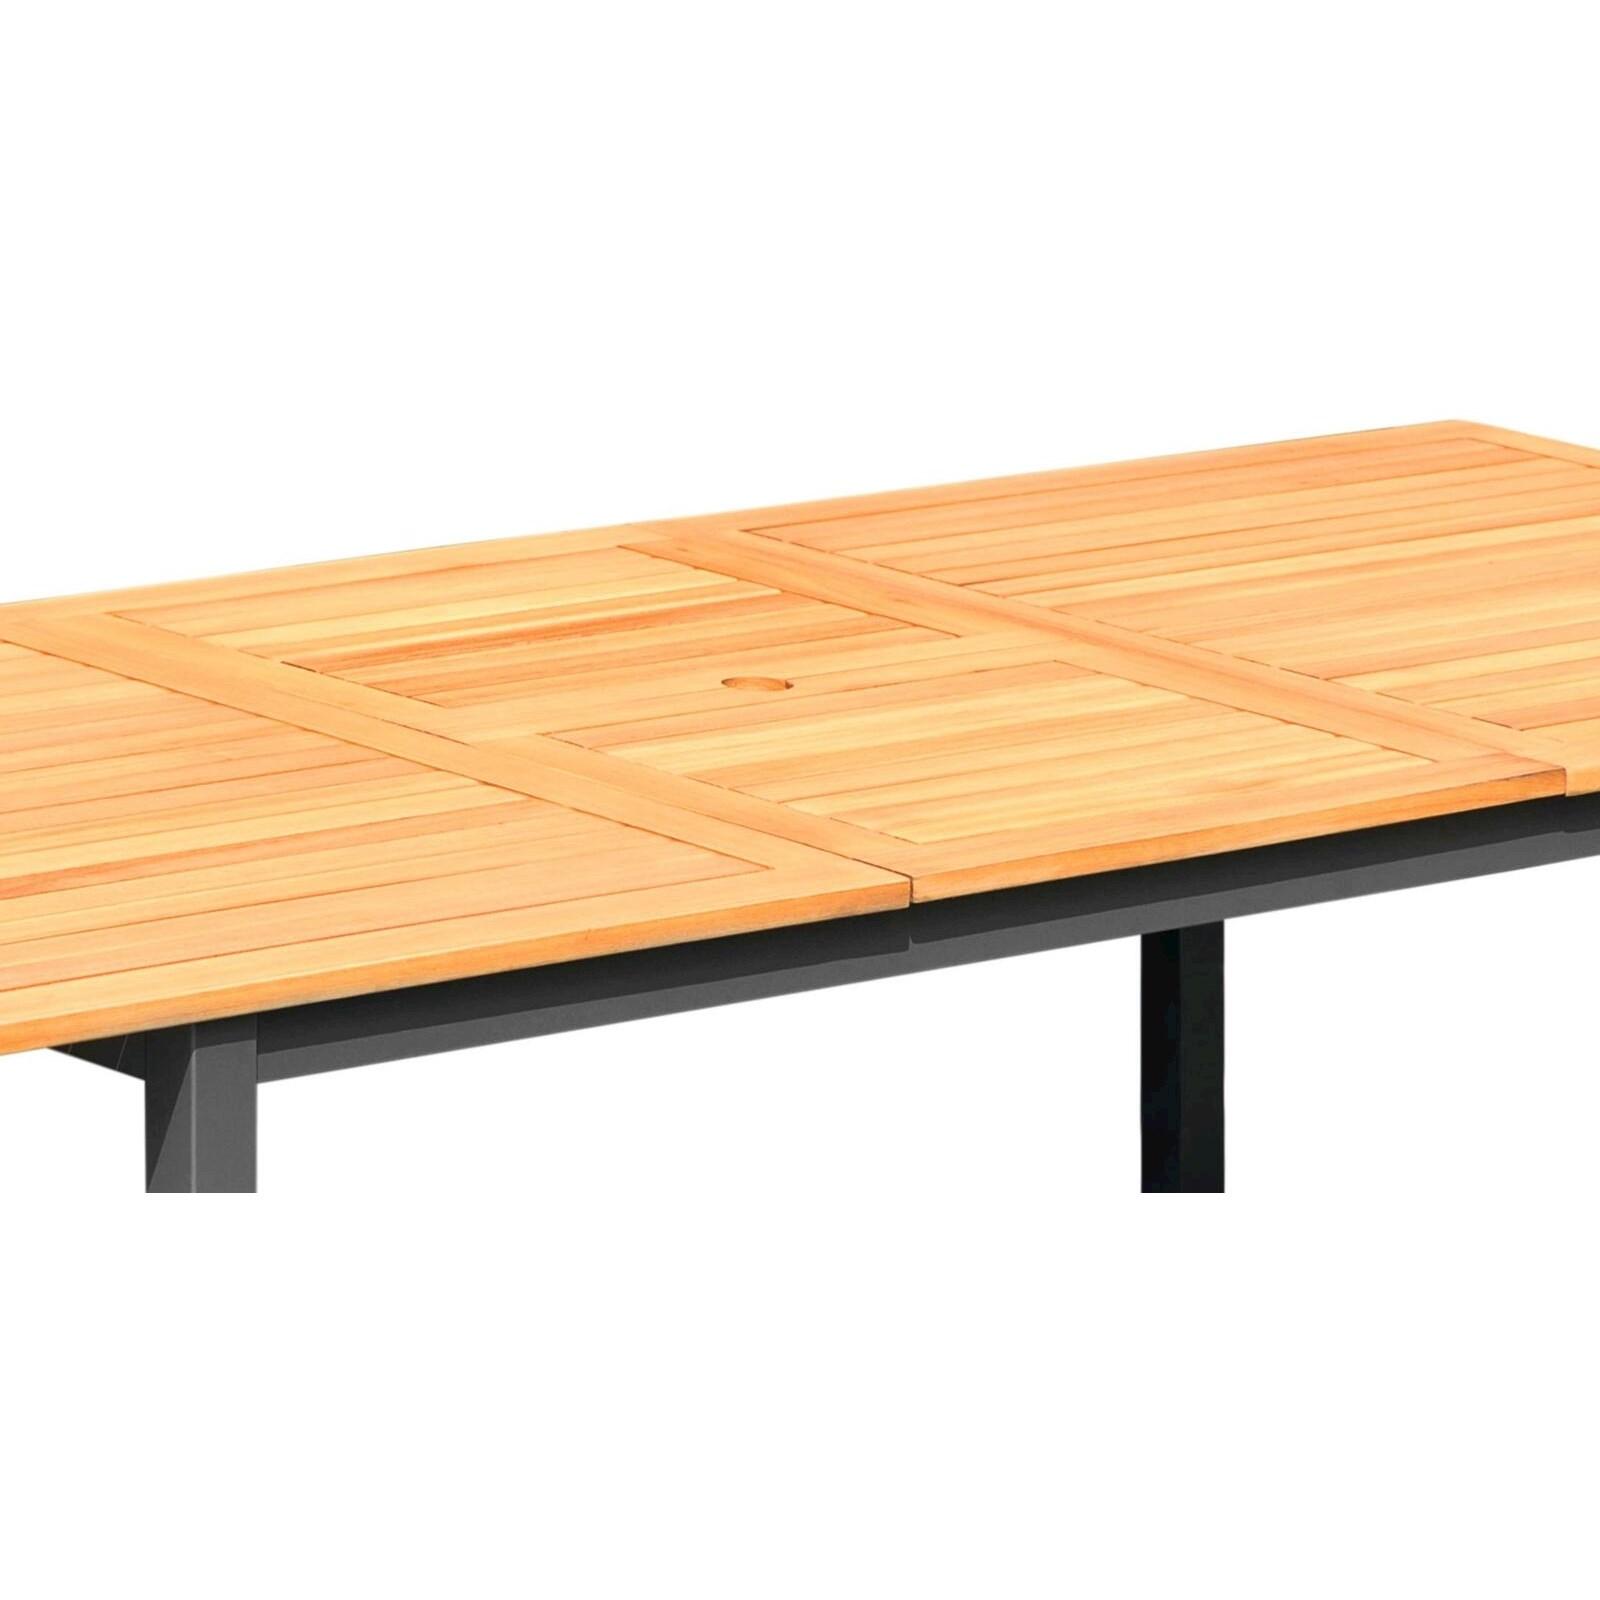 Tisch Nea Ii 100 180 240cm Kaufen Outdoormobel Landi